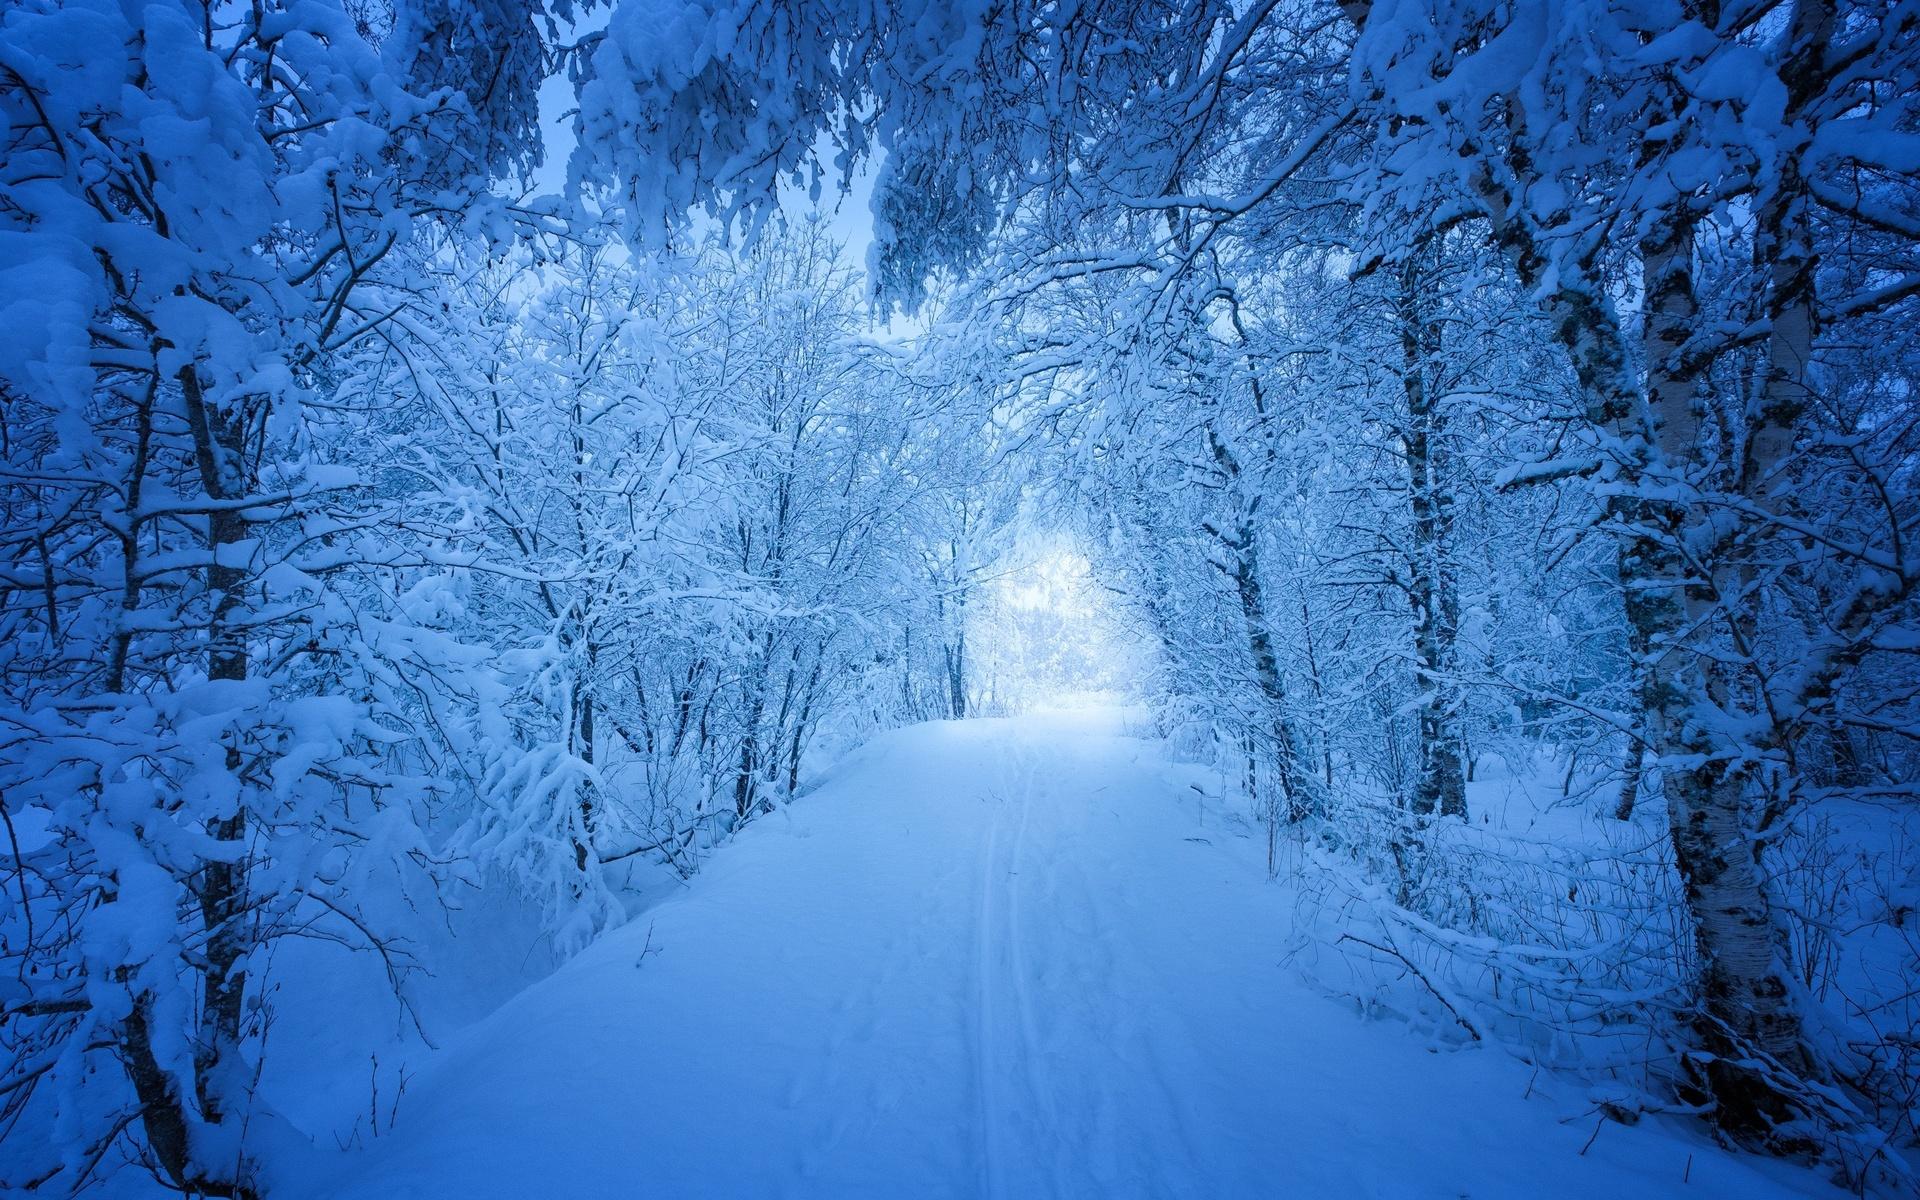 картинки для телефона красивые природа зима смертью туристы неизвестной